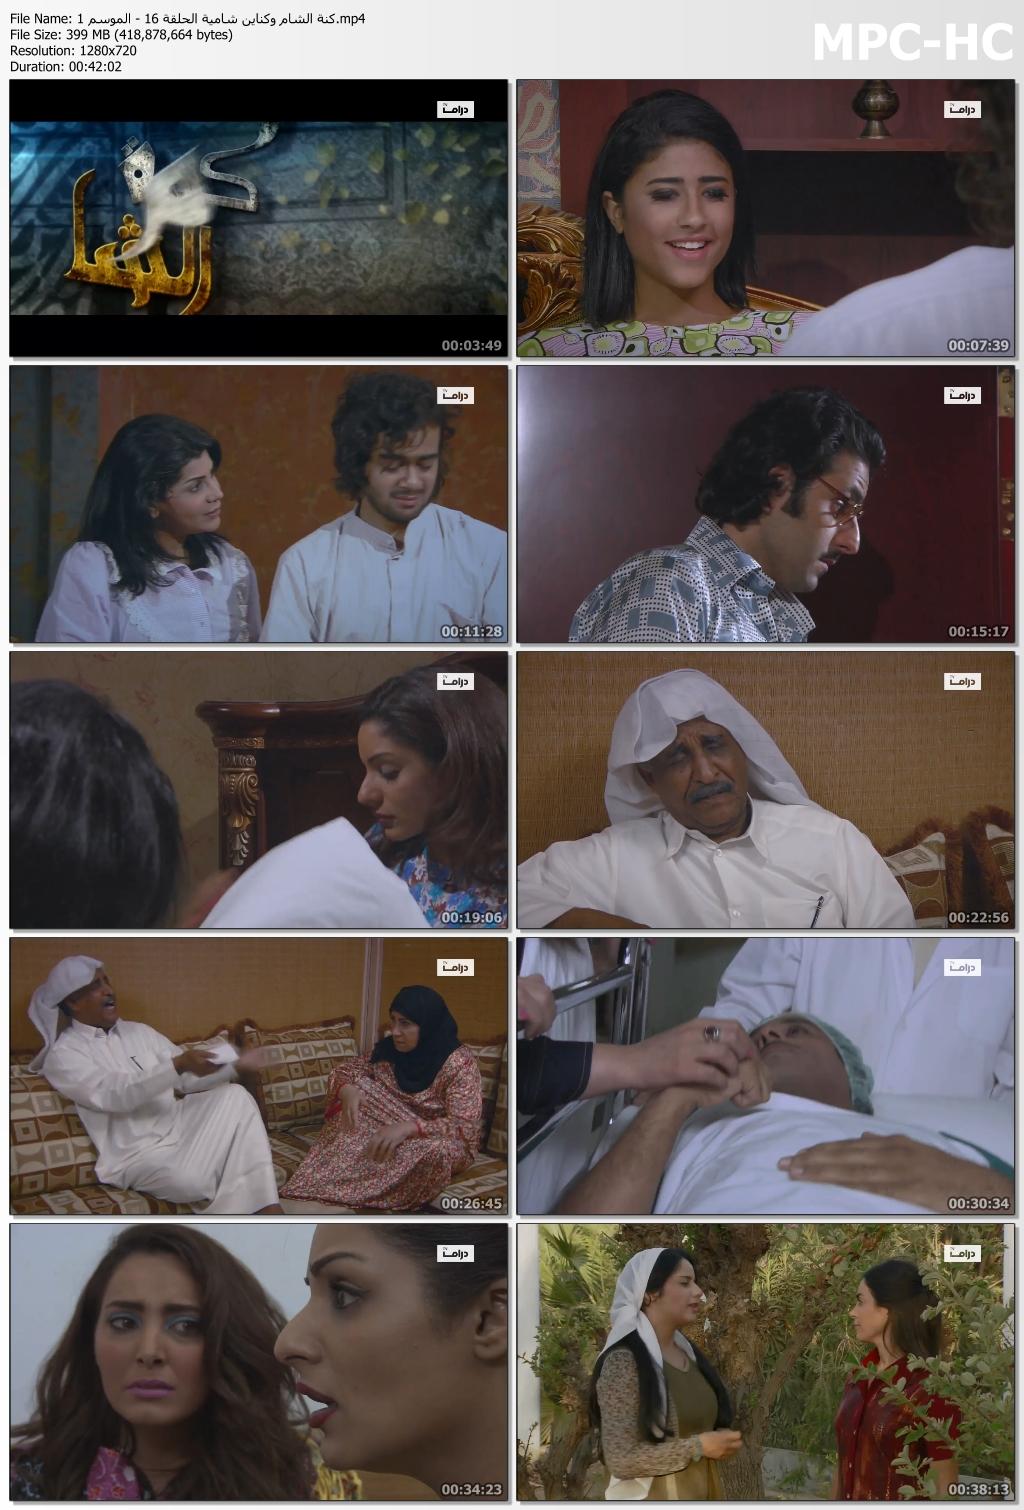 المسلسل الكويتي كنة الشام وكناين الشامية 720p 2012 تحميل تورنت